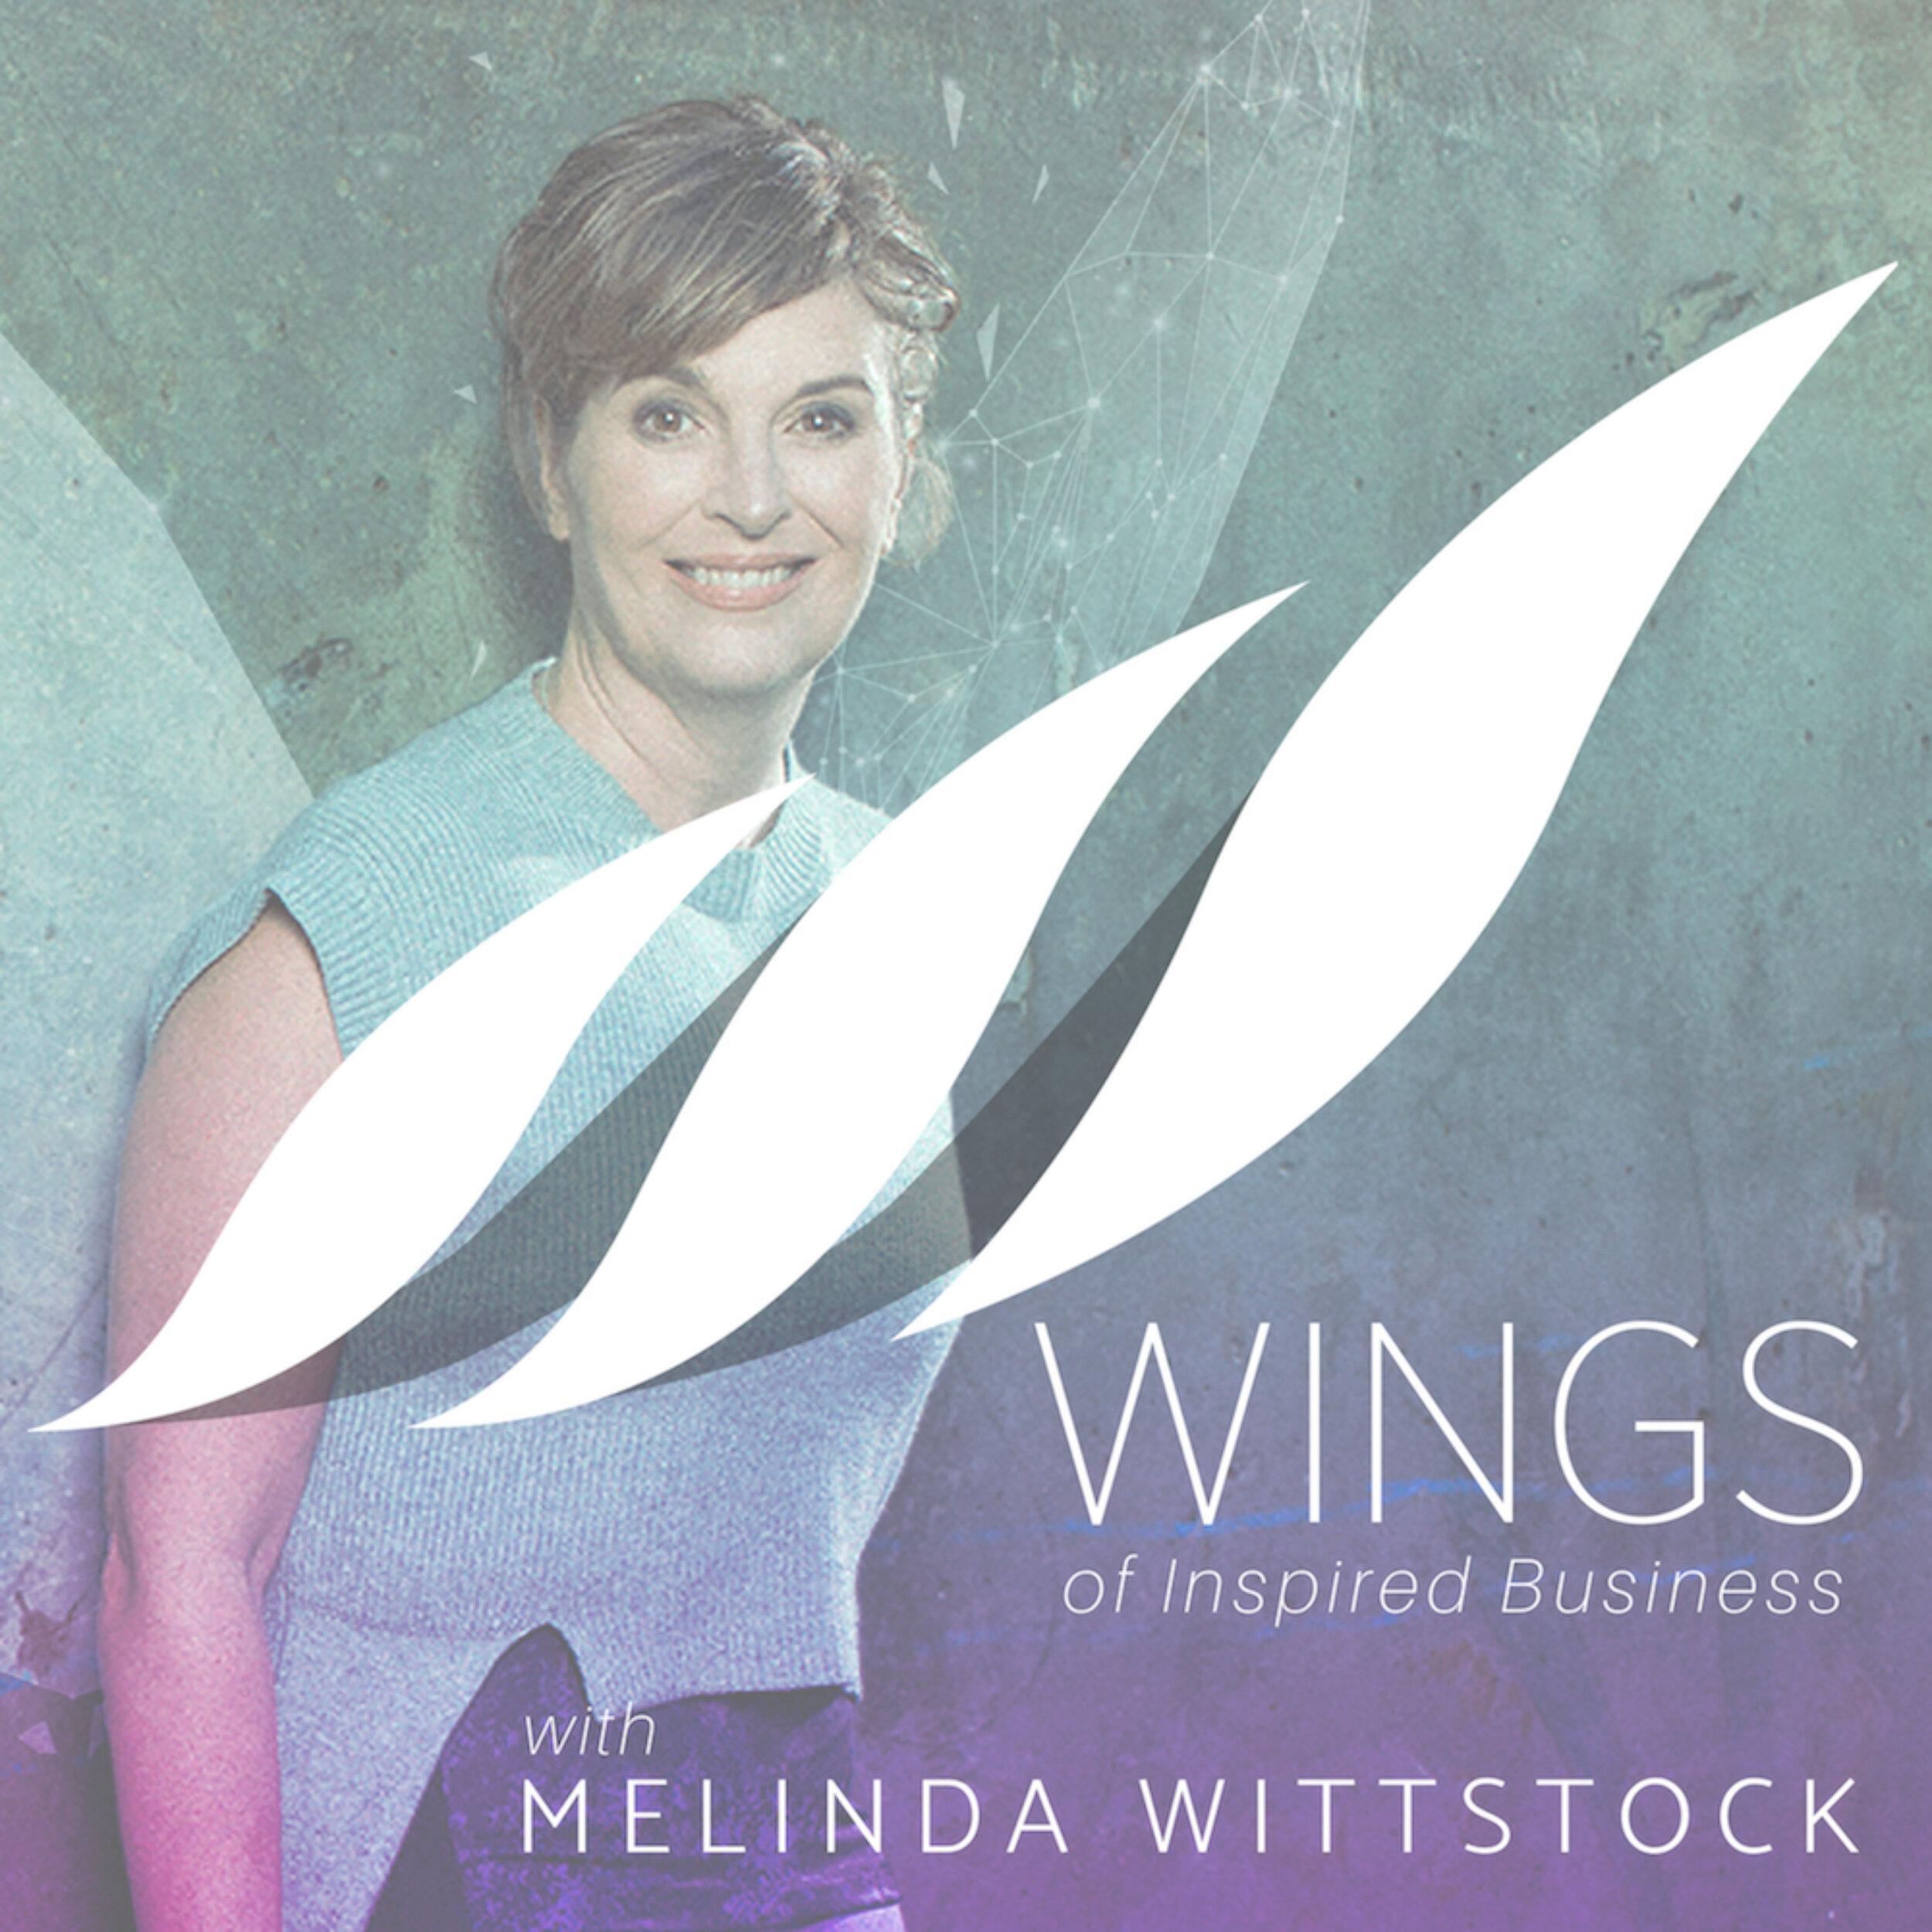 Wings_Of_Inspired_Business_cover_art.jpg